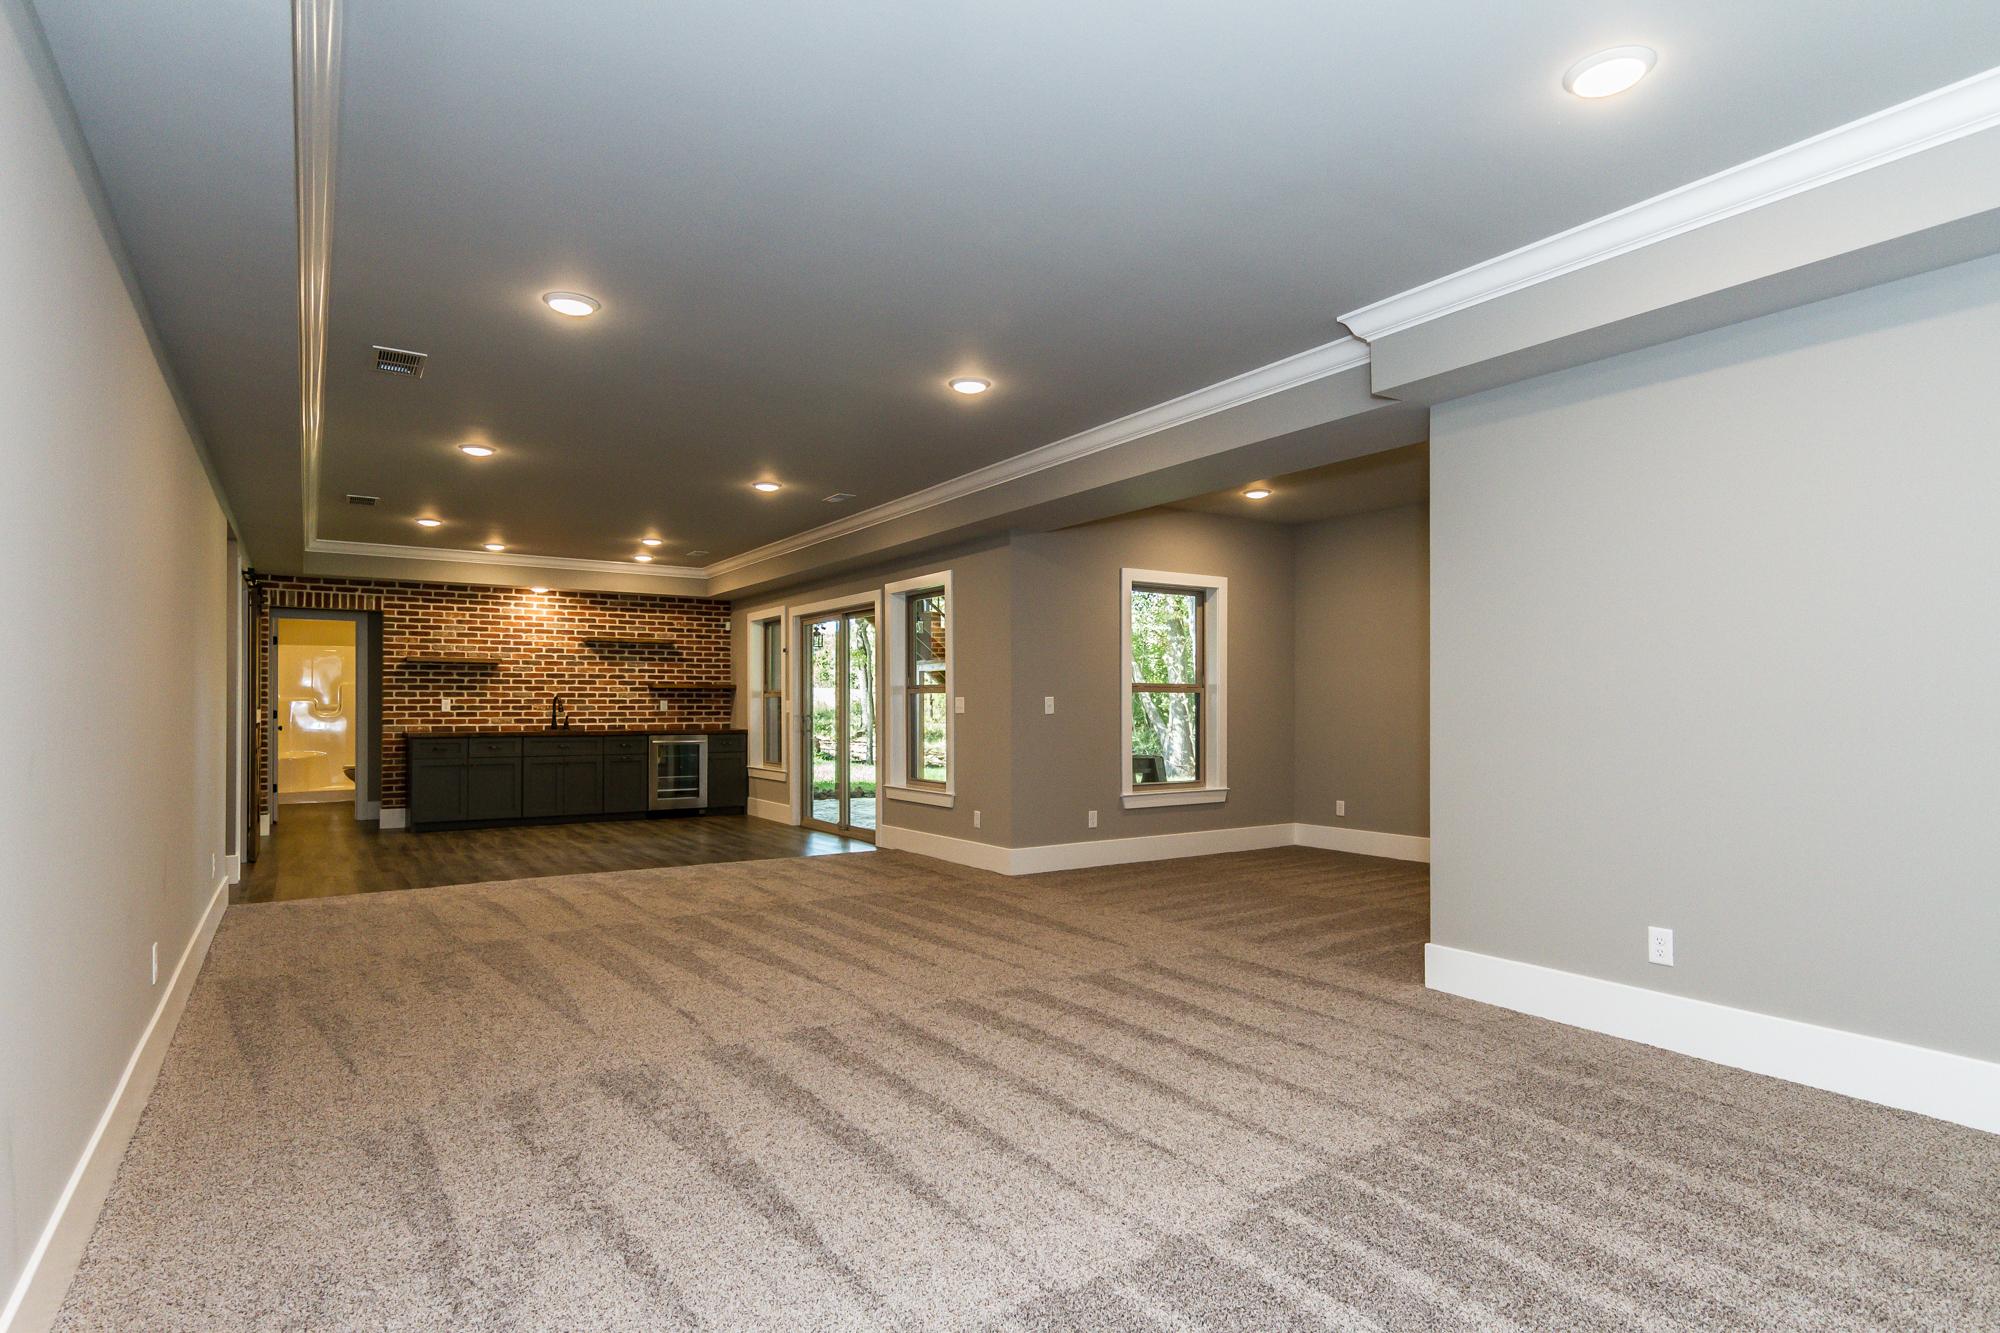 2-Scott-AFB-Real-Estate-For-Sale-O'Fallon-Illinois-62269-46.jpg